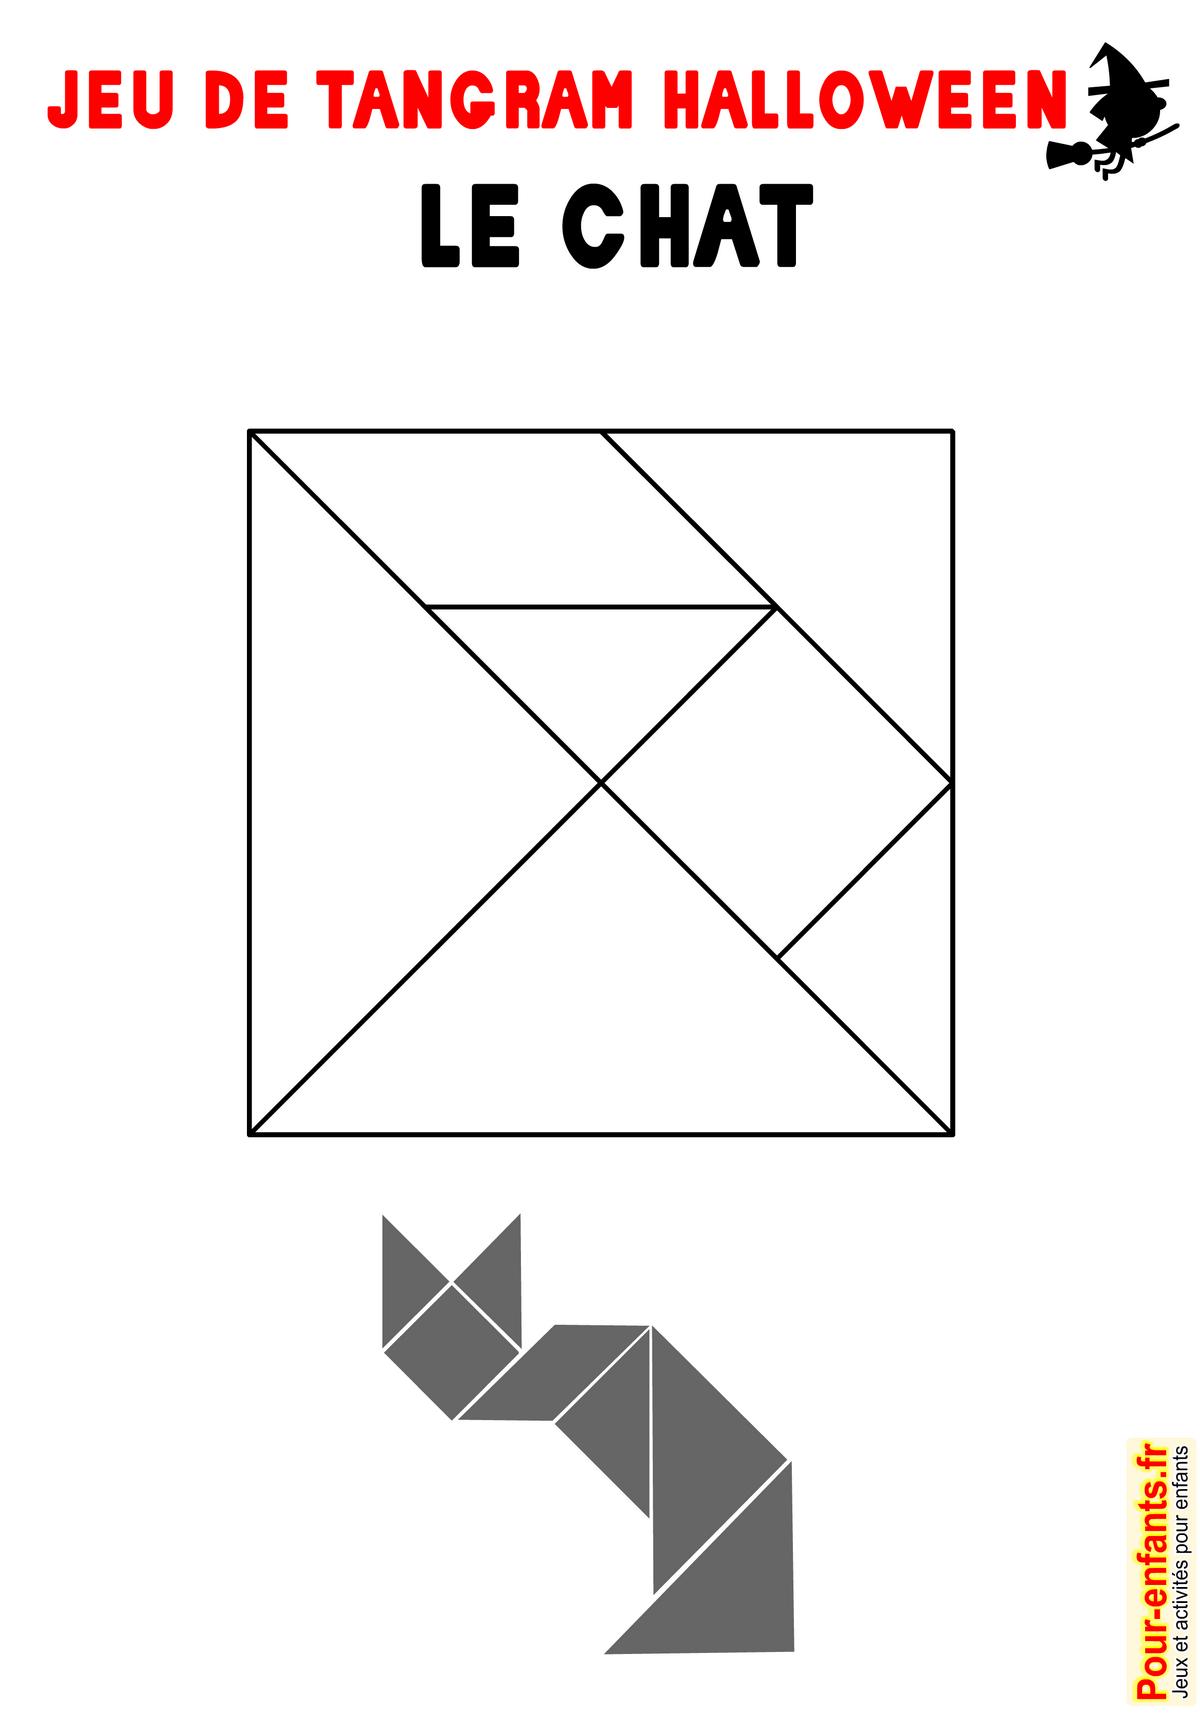 Jeu De Tangram À Imprimer Chat Halloween Imprimable Gratuit avec Jeux Maternelle Grande Section En Ligne